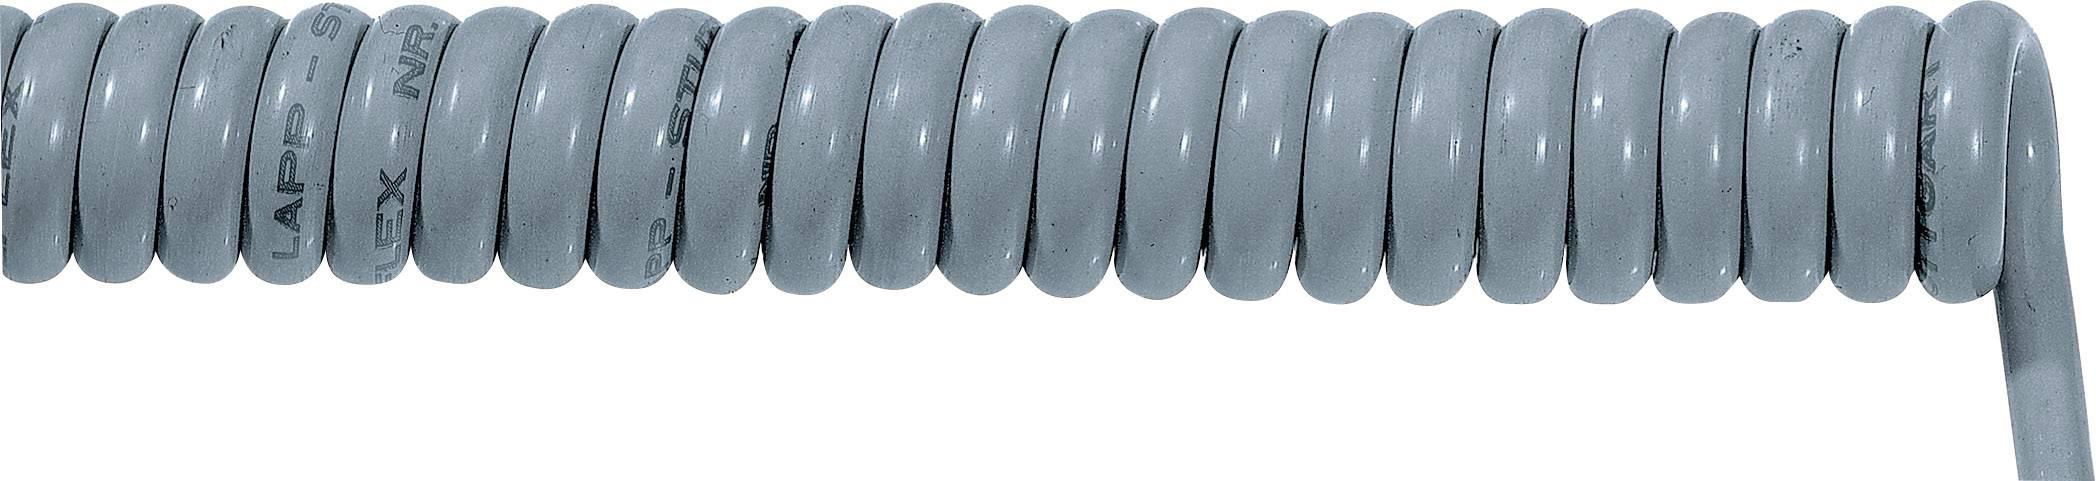 Špirálový kábel 70002702 ÖLFLEX® SPIRAL 400 P 5 x 1.50 mm², 2000 mm / 6000 mm, sivá